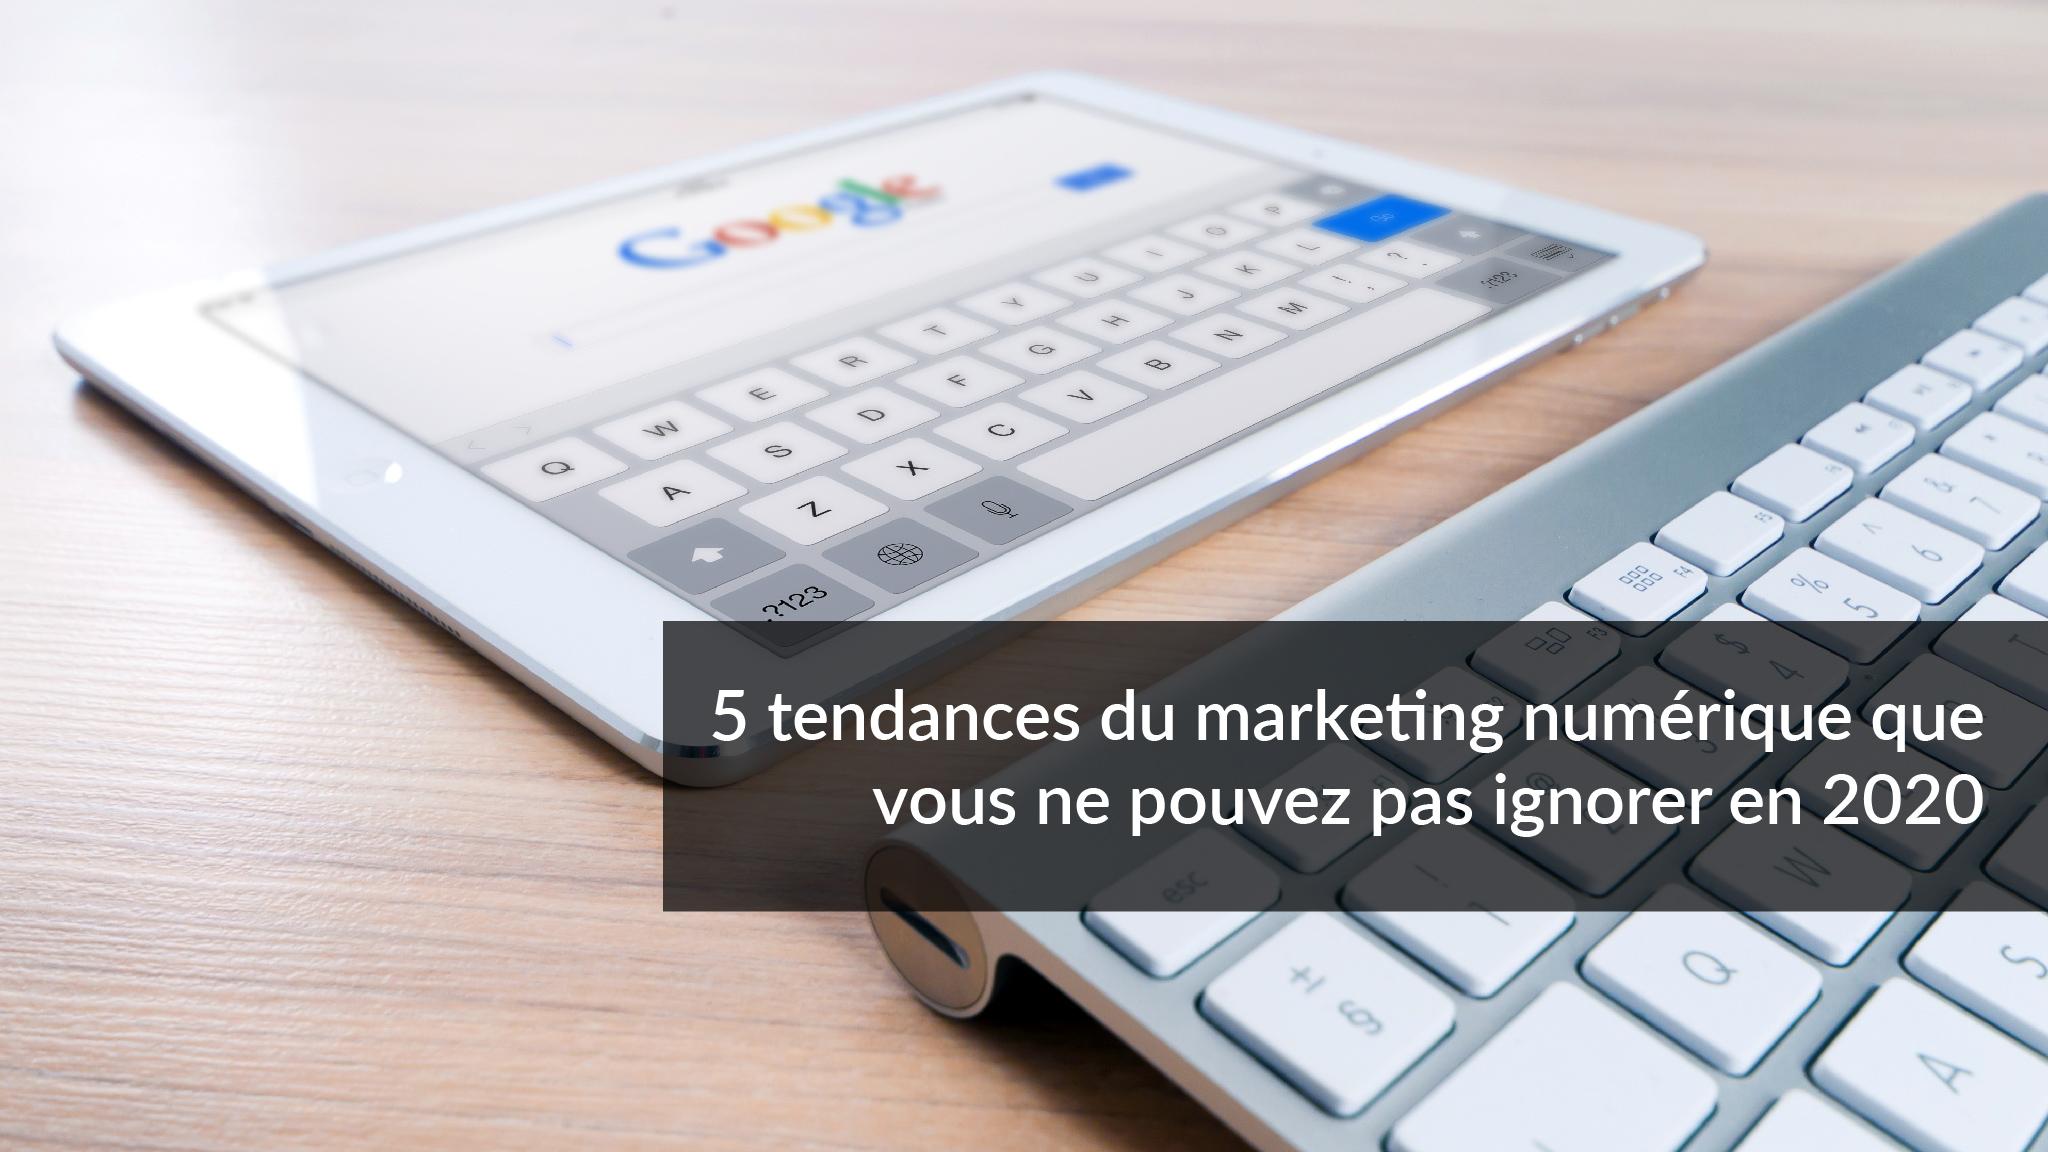 5 tendances du marketing numérique que vous ne pouvez pas ignorer en 2020 | Studio Grafik